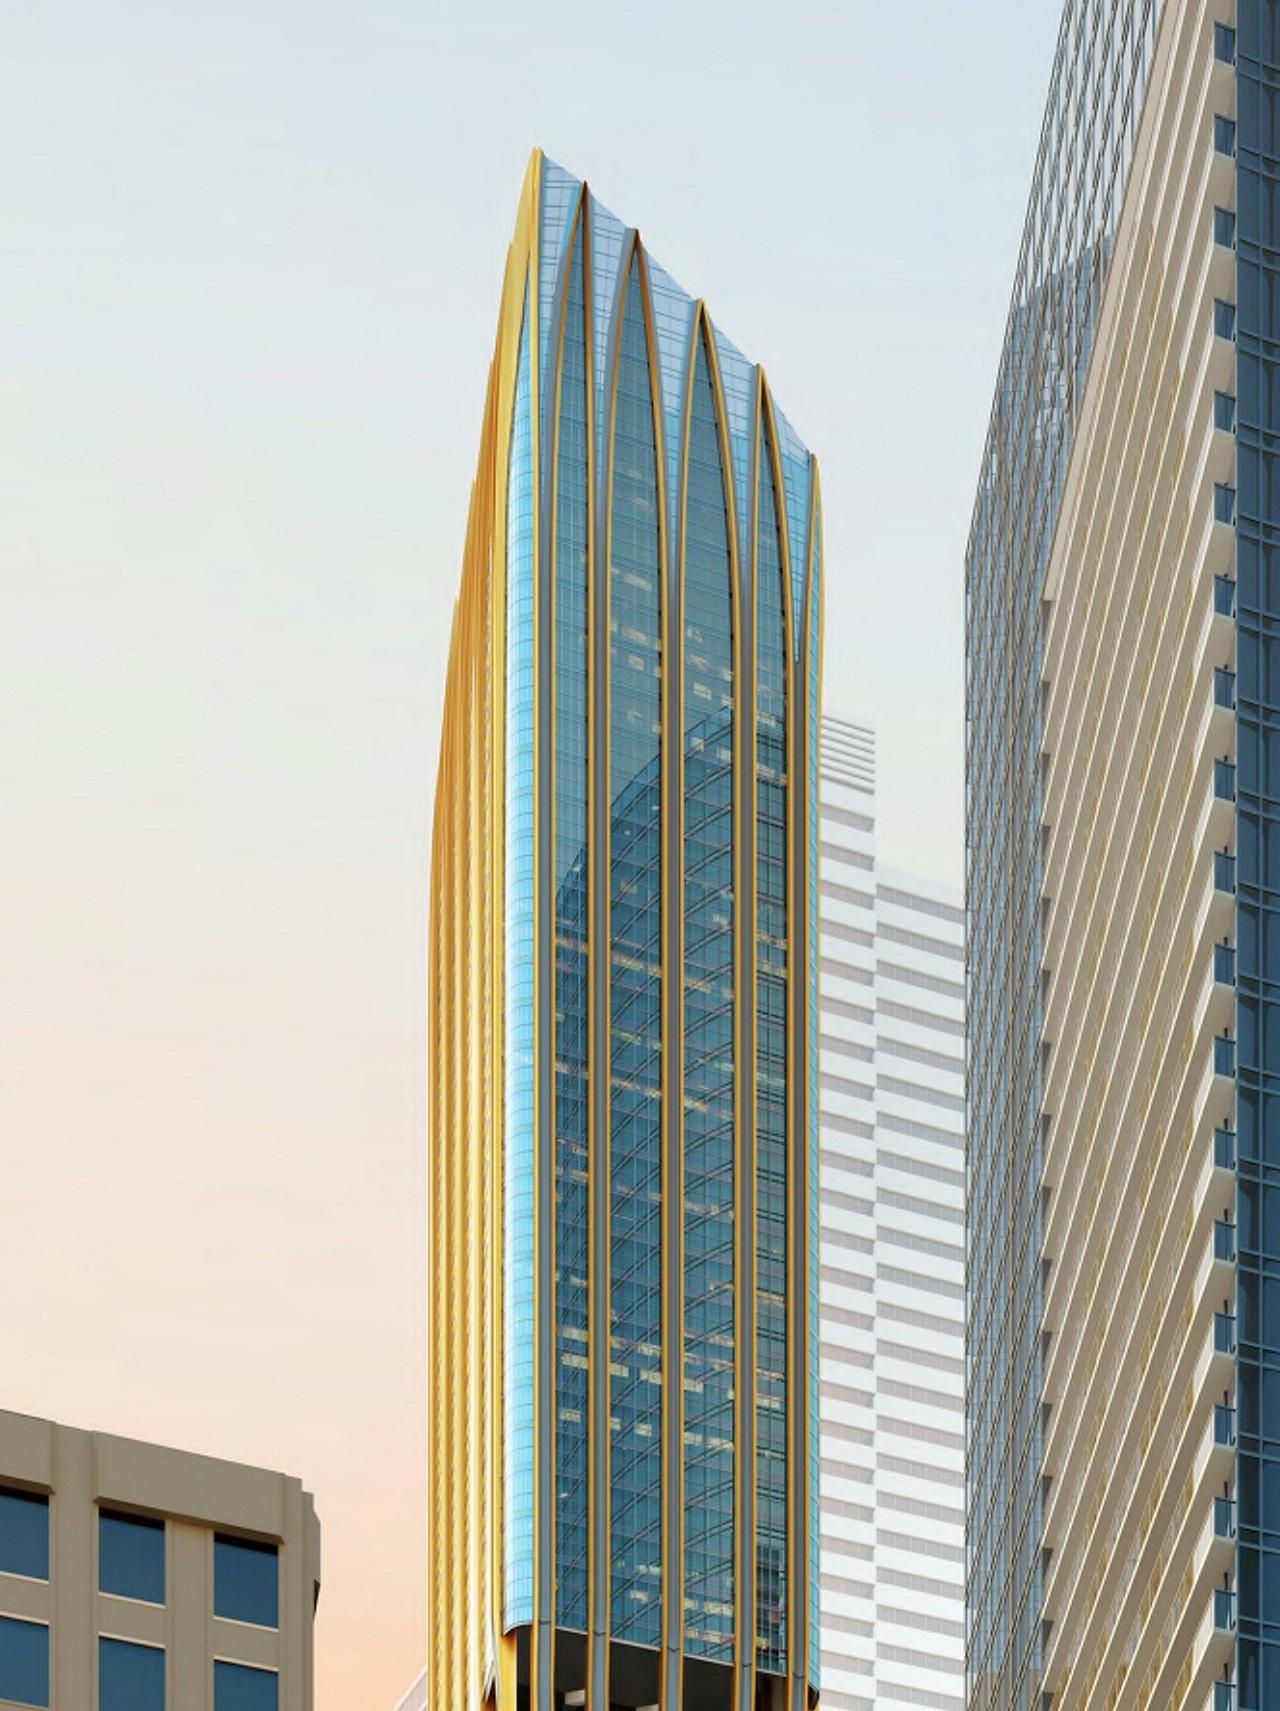 Rendering of 372 Yonge Condos building exterior top half.